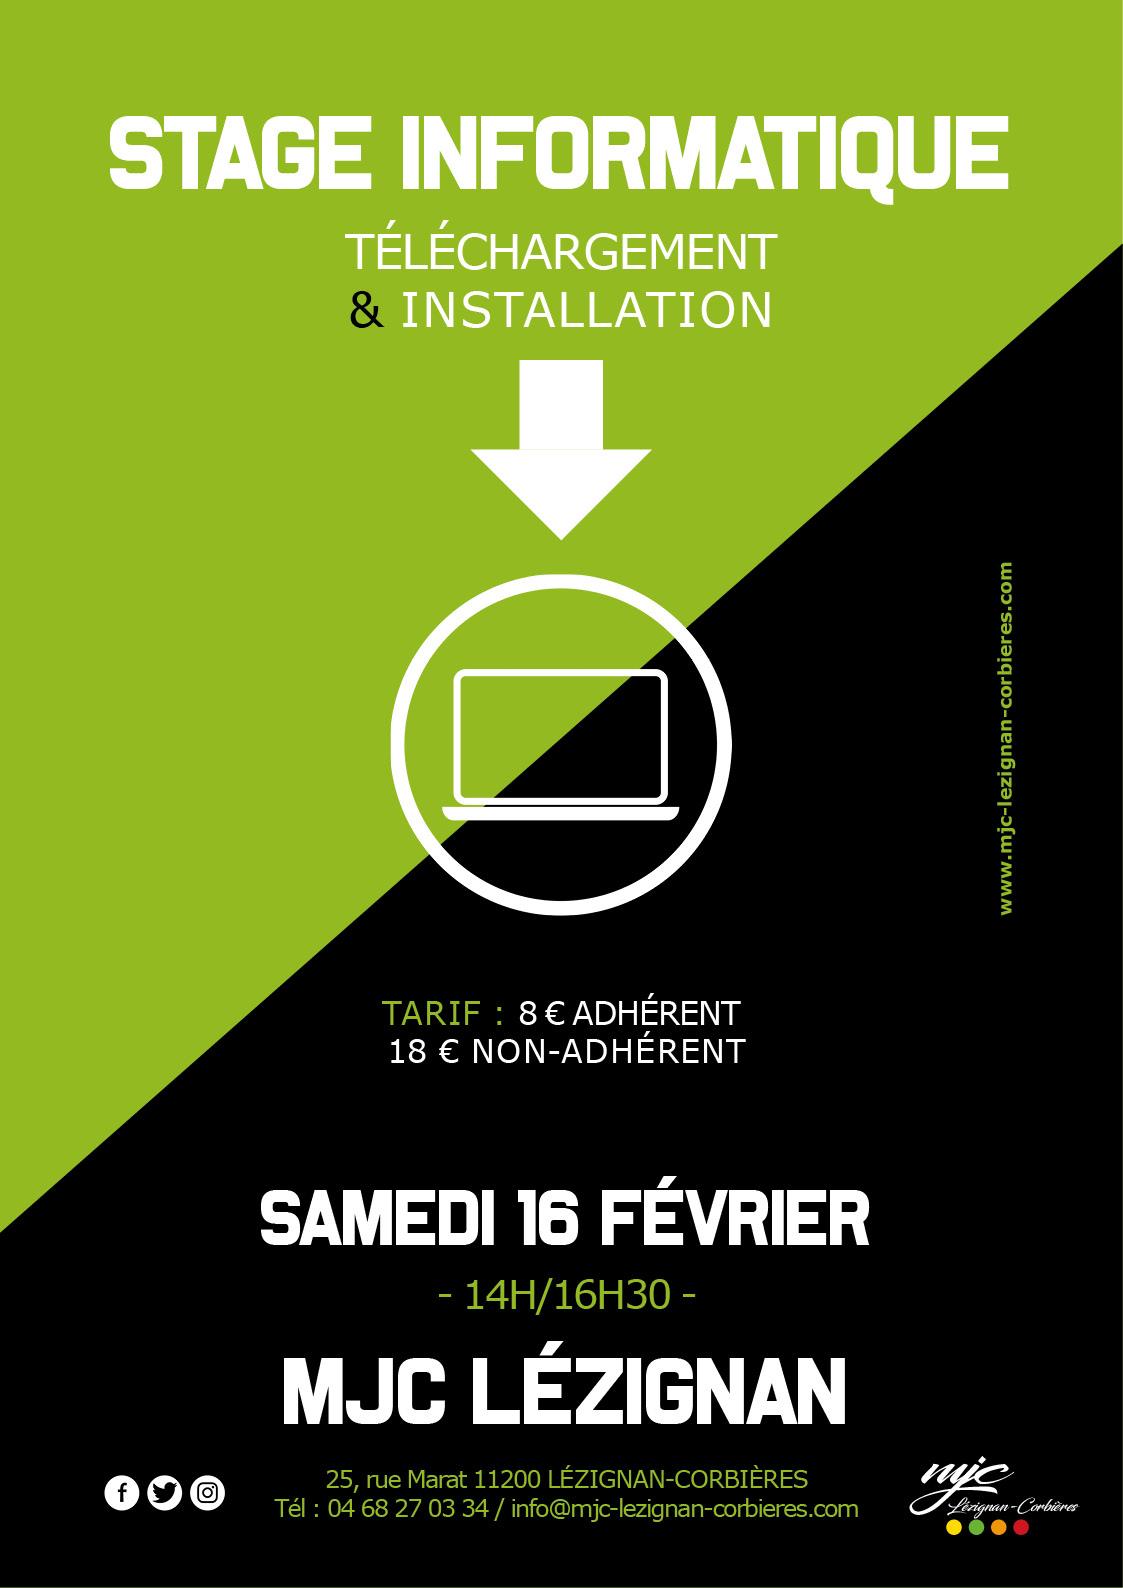 Samedi 16 février >> INFORMATIQUE : téléchargement & installation